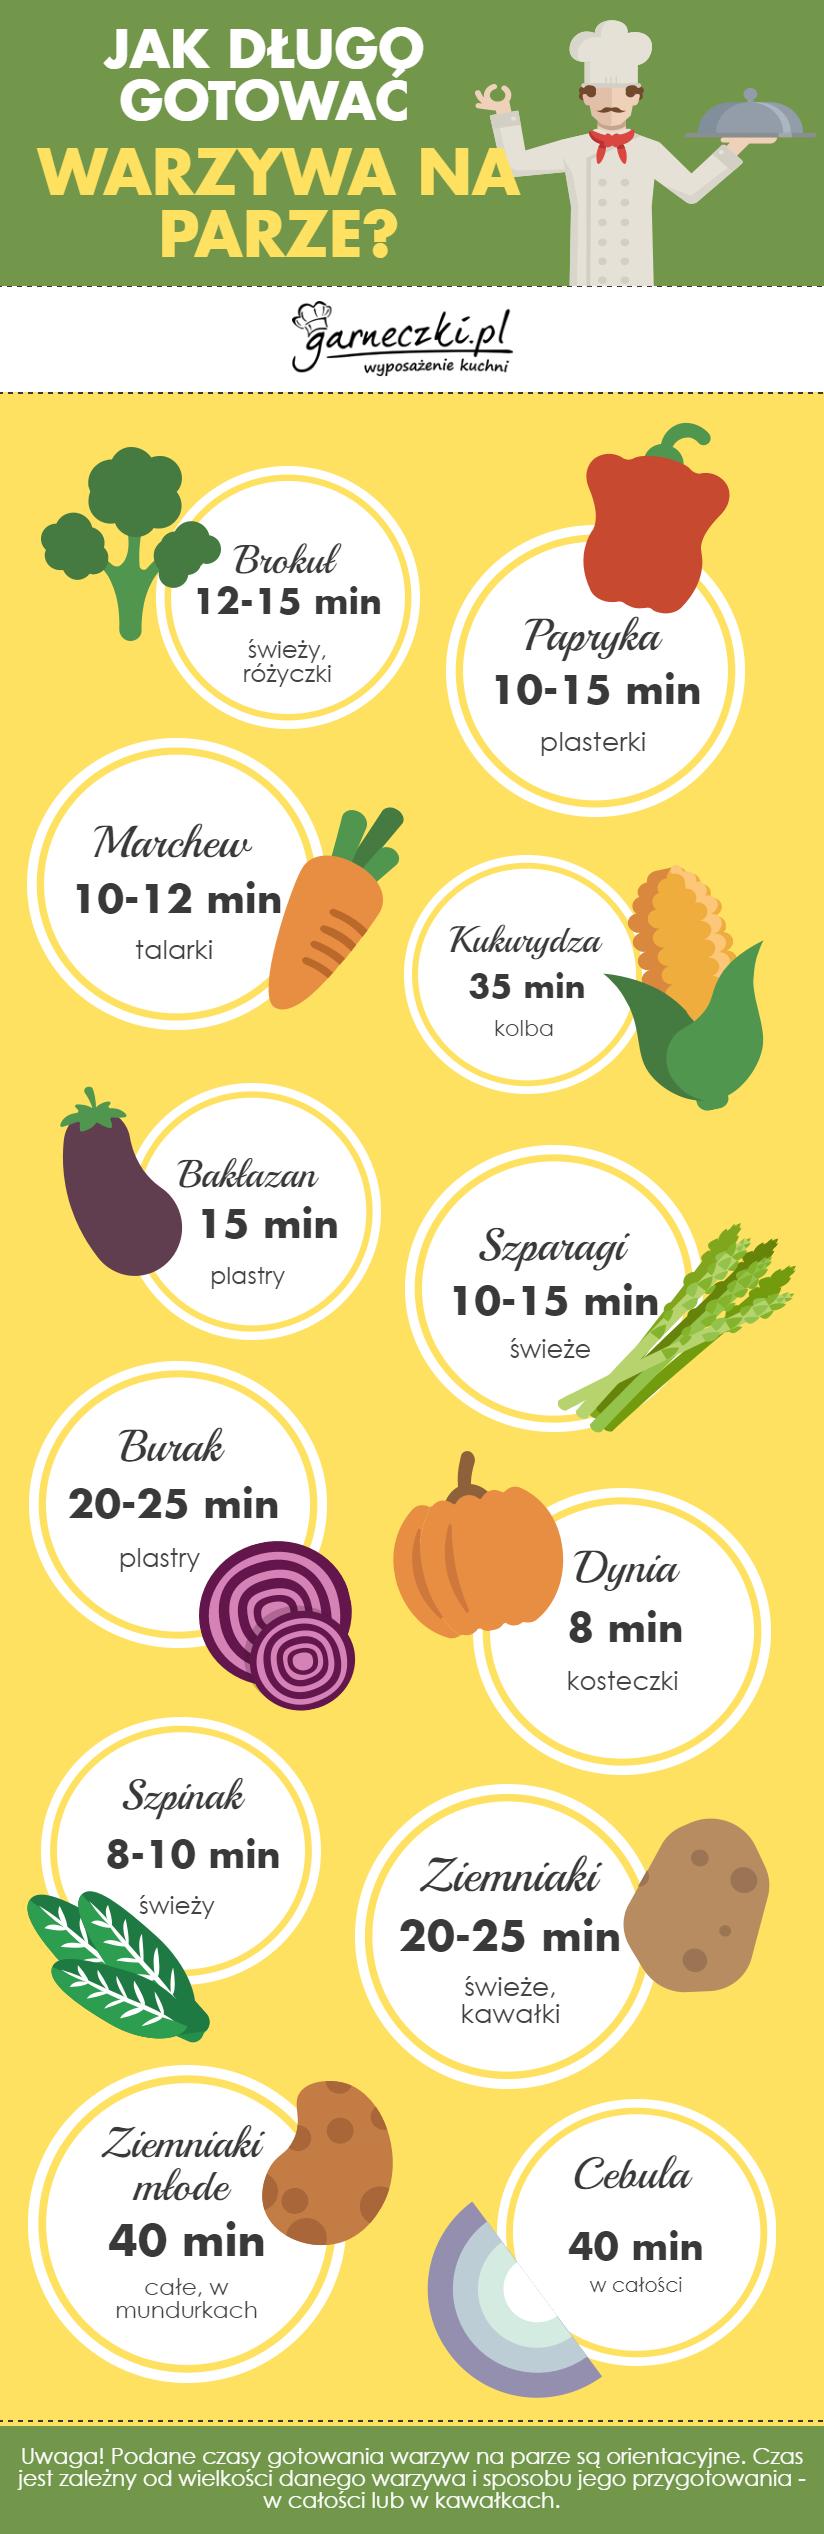 Jak gotować warzywa na parze - infografika